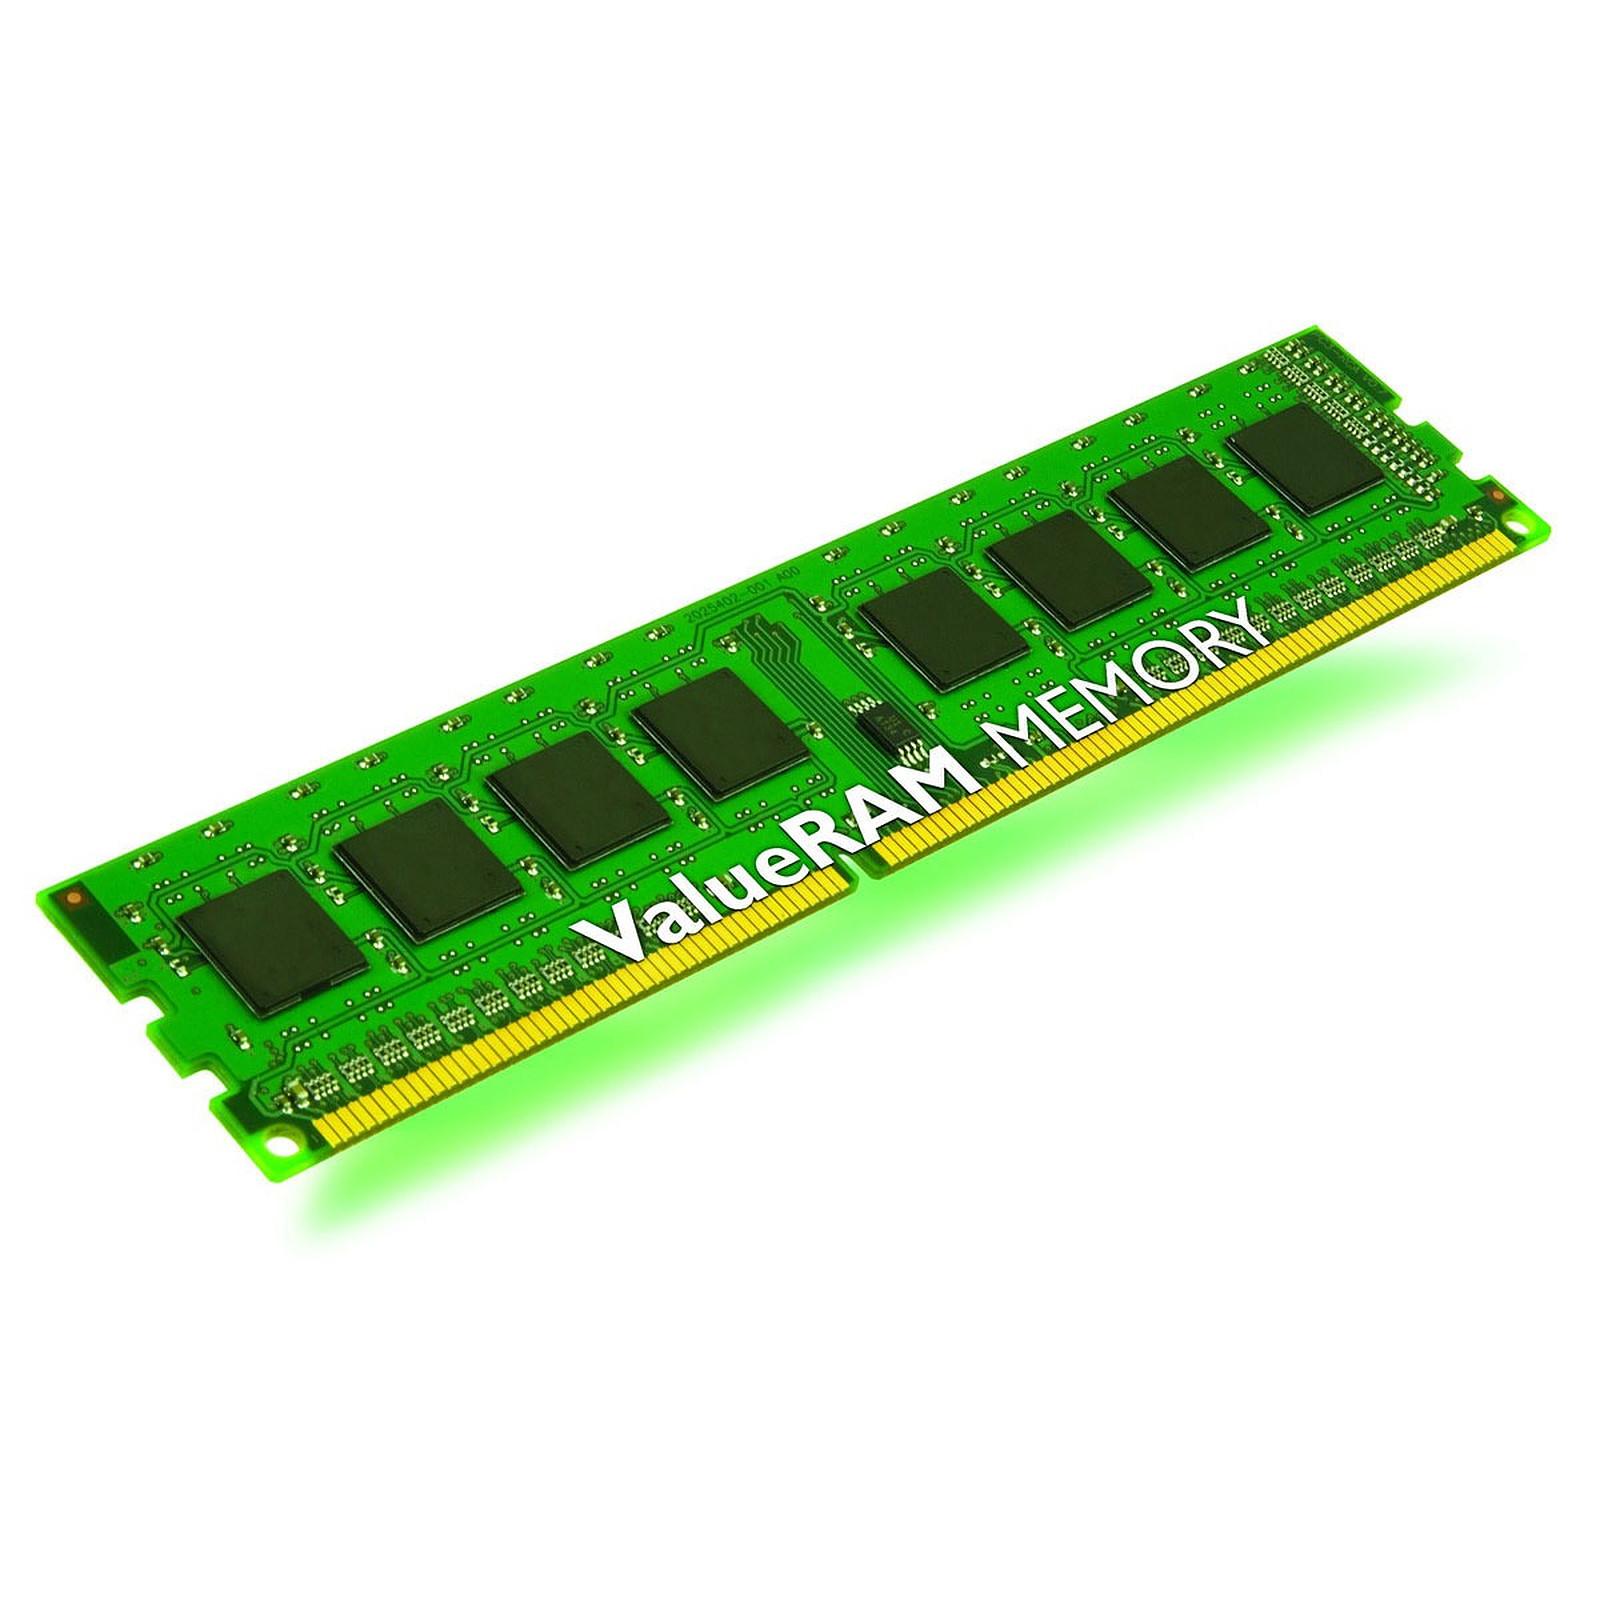 Kingston 16 Go (4x 4Go) DDR3 1333 MHz ECC Registered